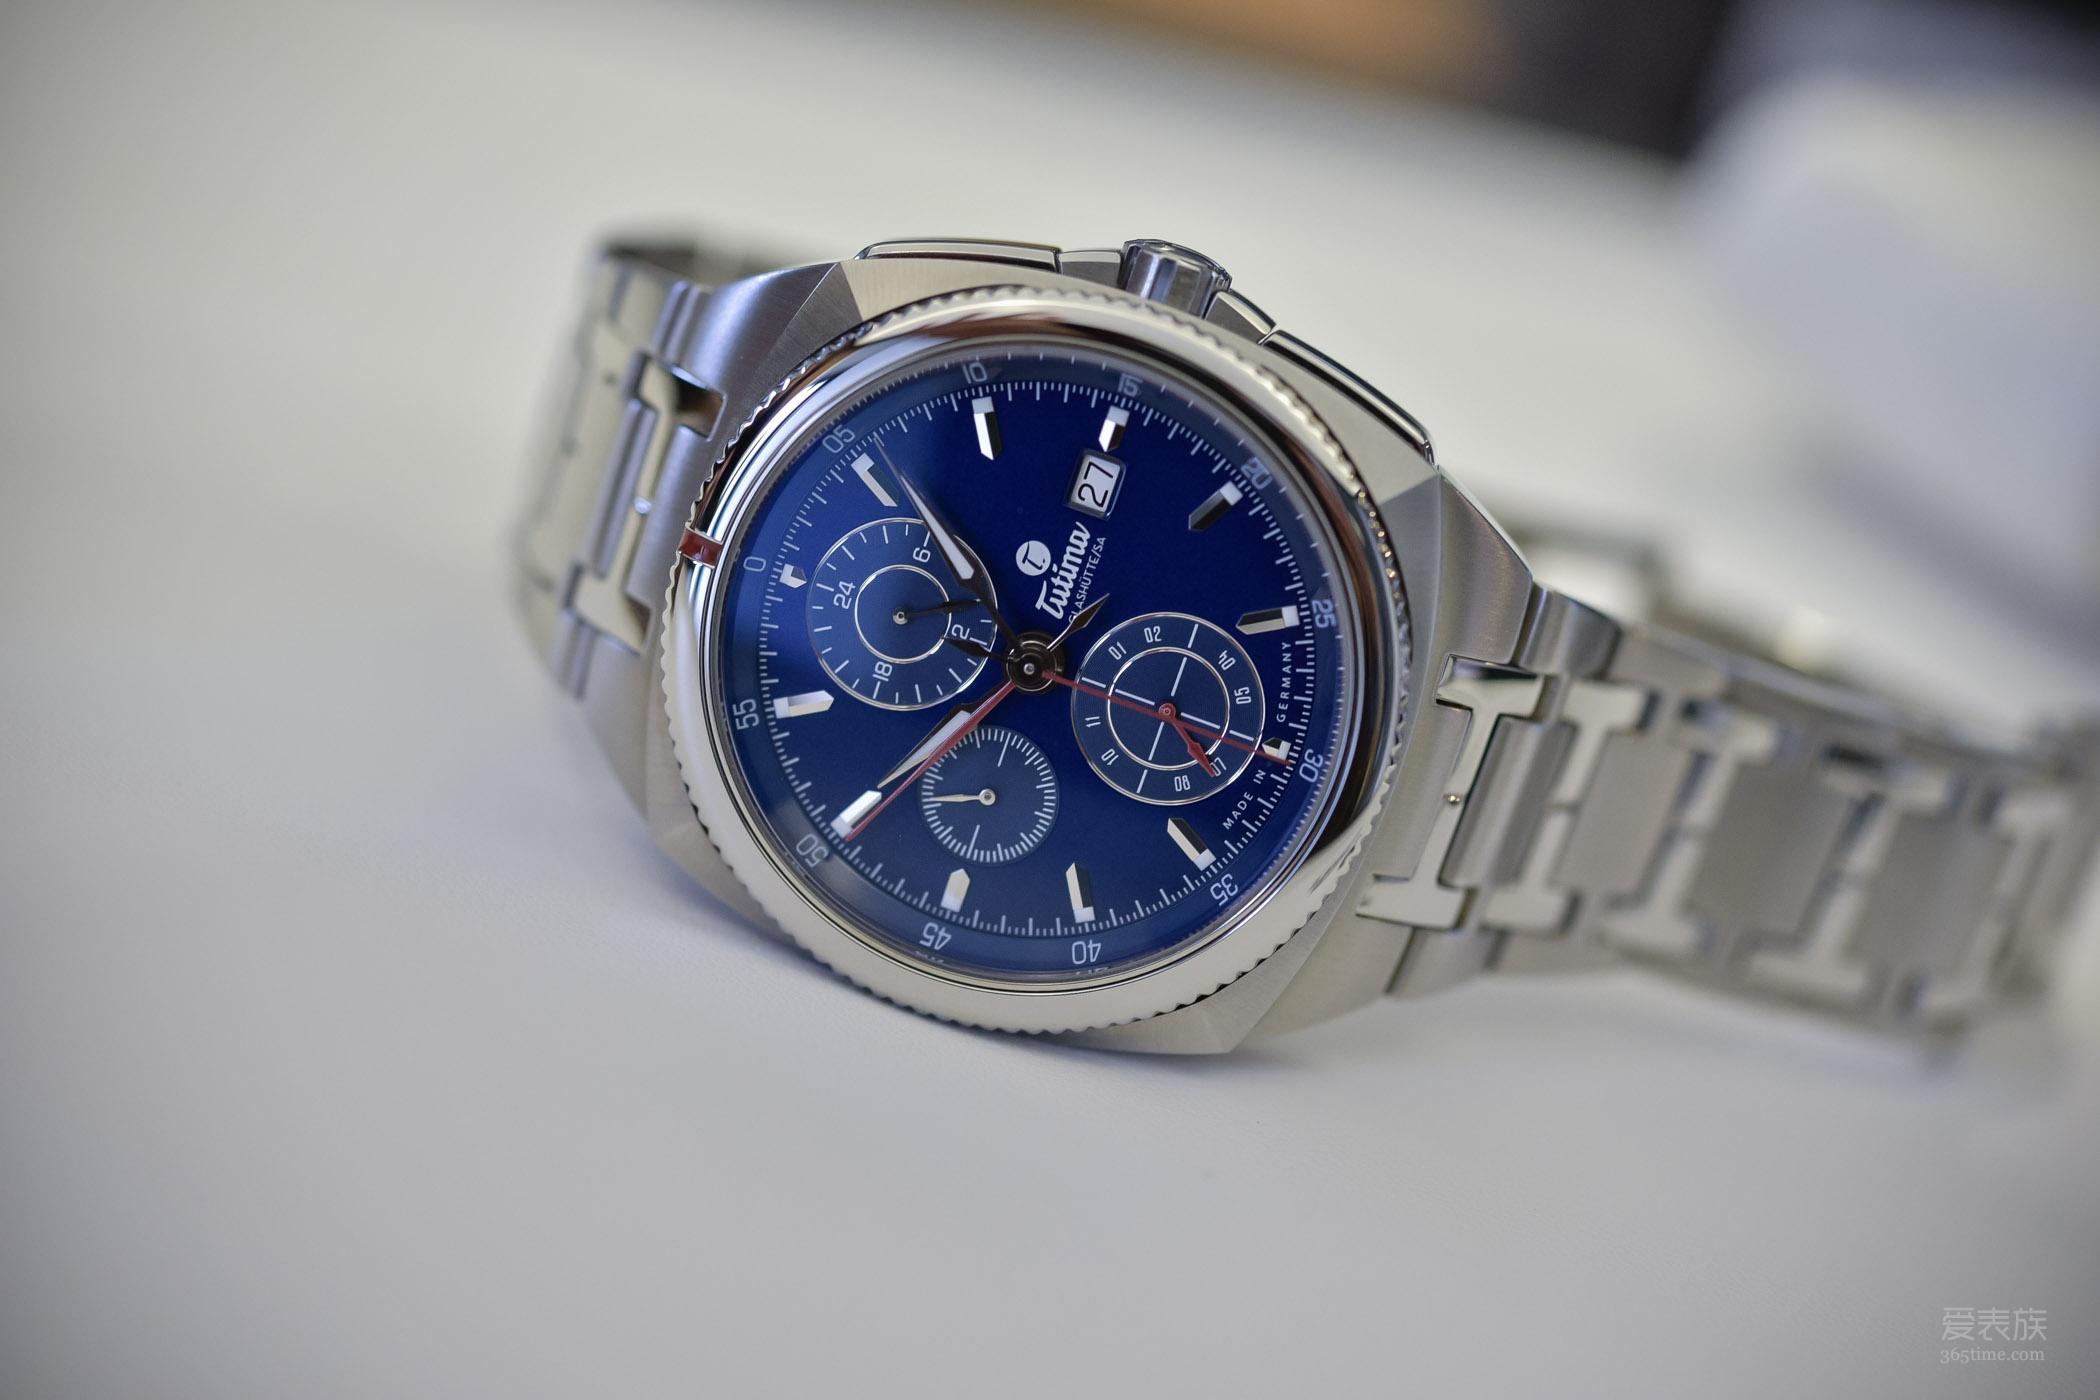 德式运动范儿——Tutima帝玛Saxon One蓝盘计时腕表